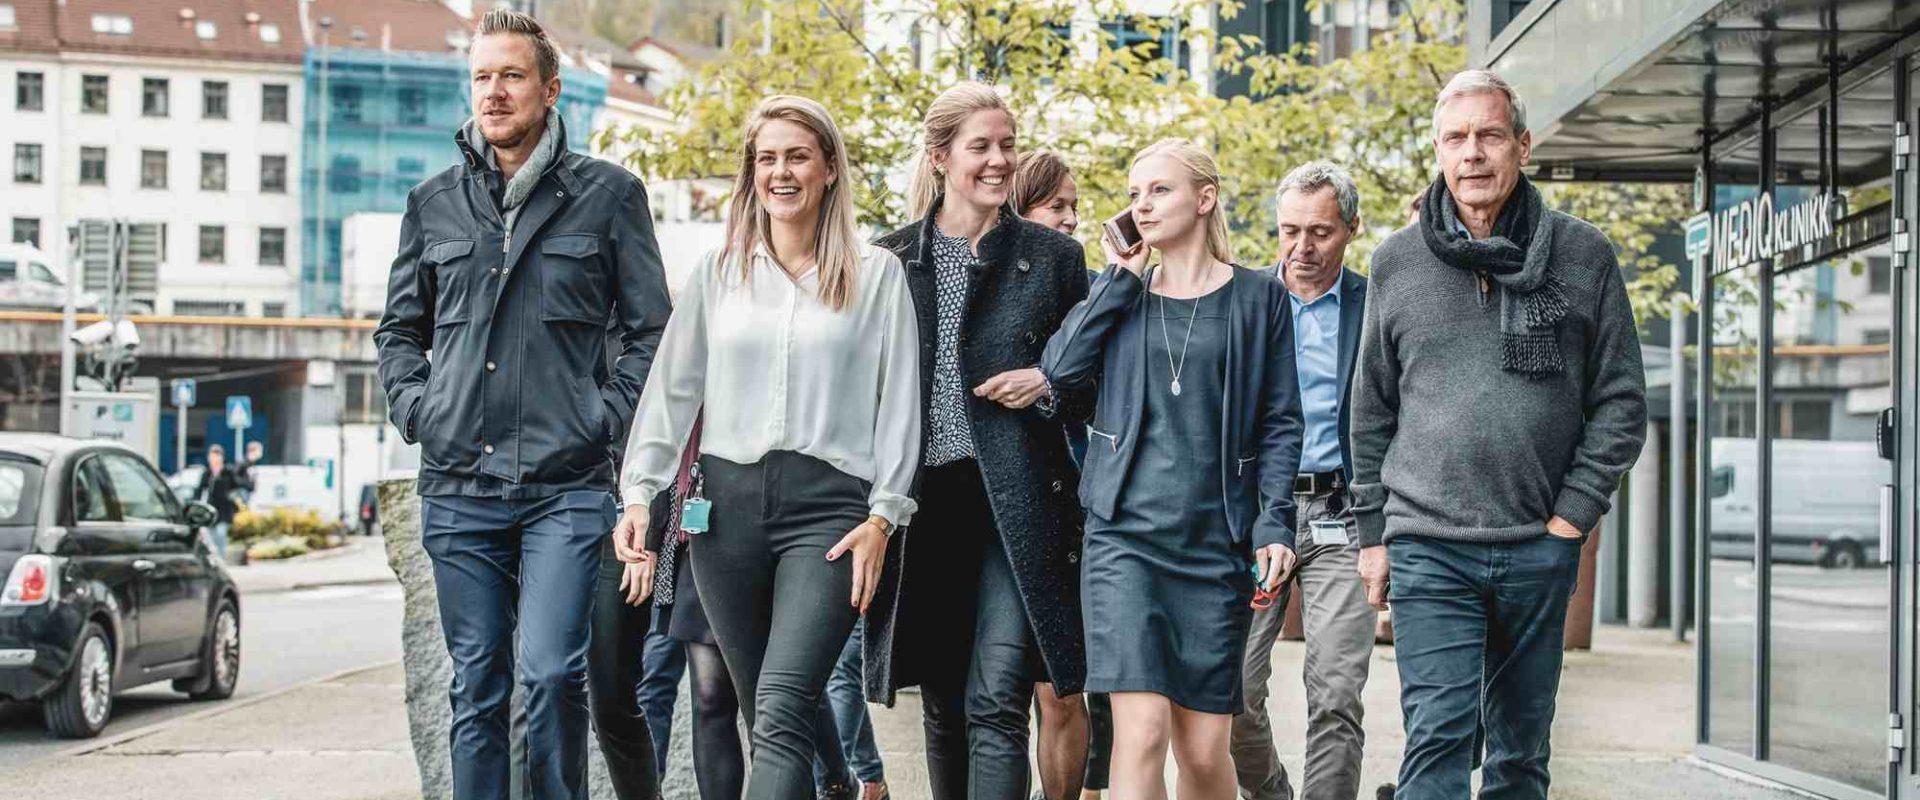 En gjeng med ansatte i Inventura som går ute i Bergen